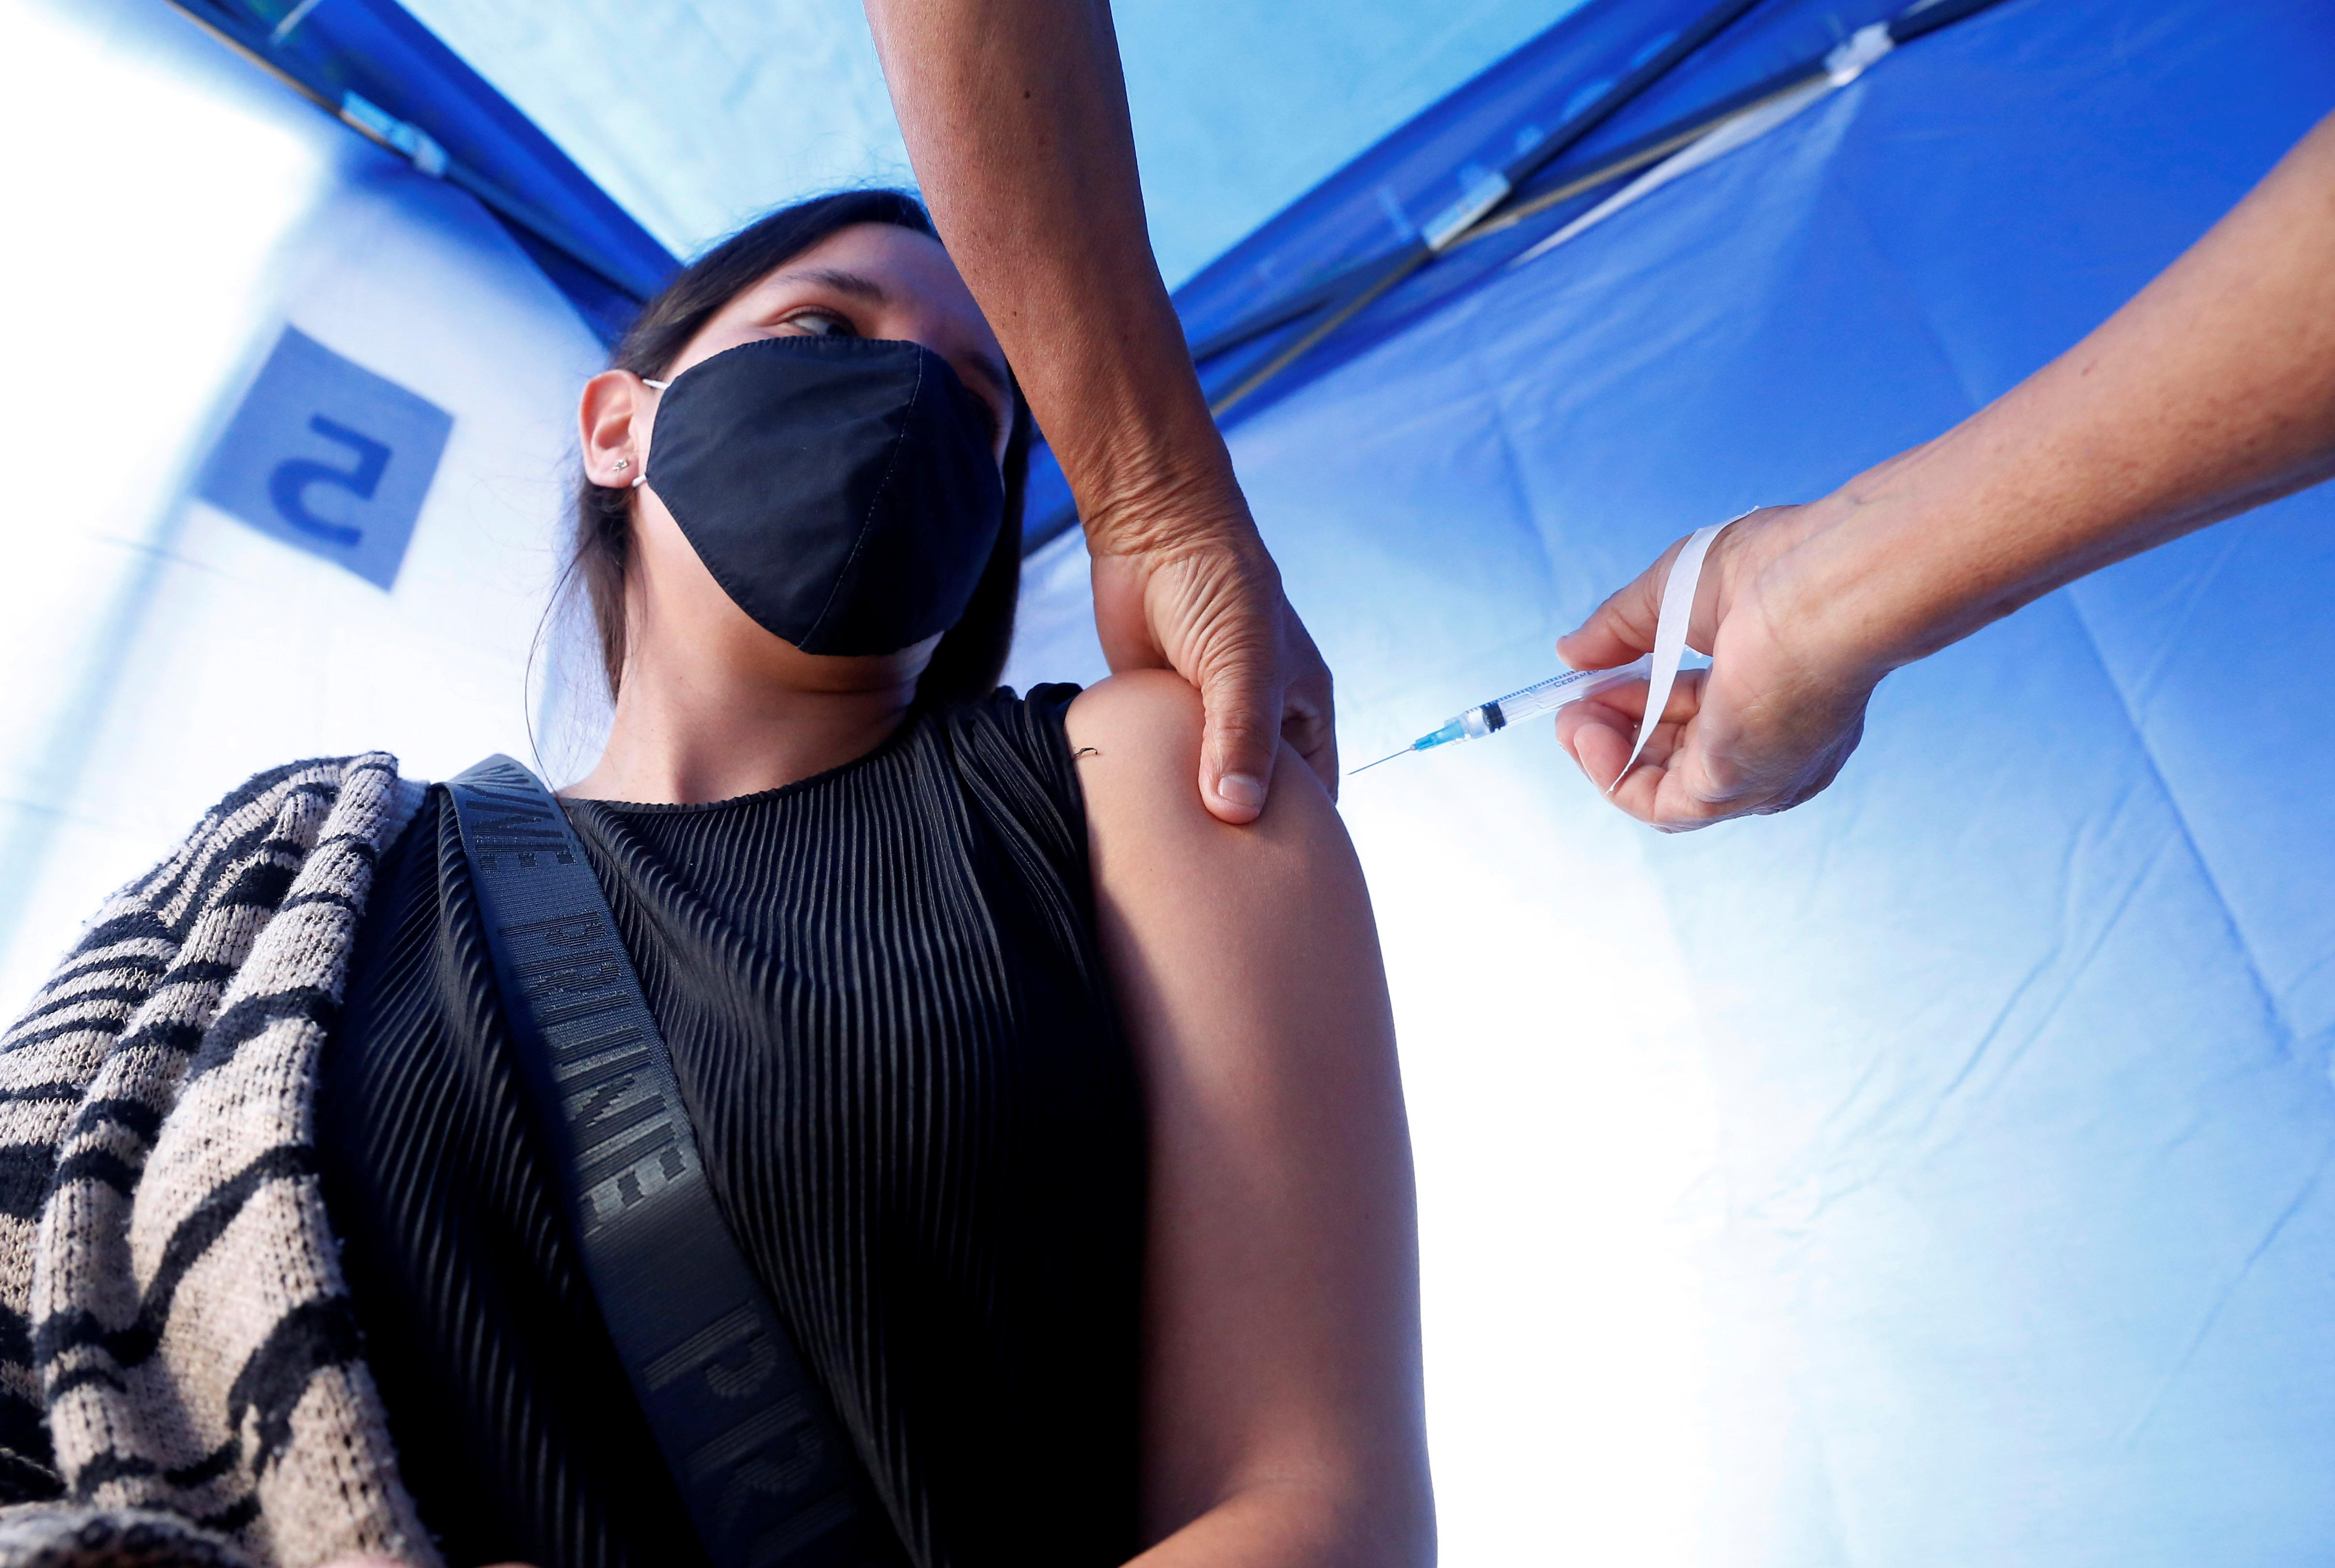 Una mujer recibe una dosis de una vacuna anti-Covid, en Viña del Mar.